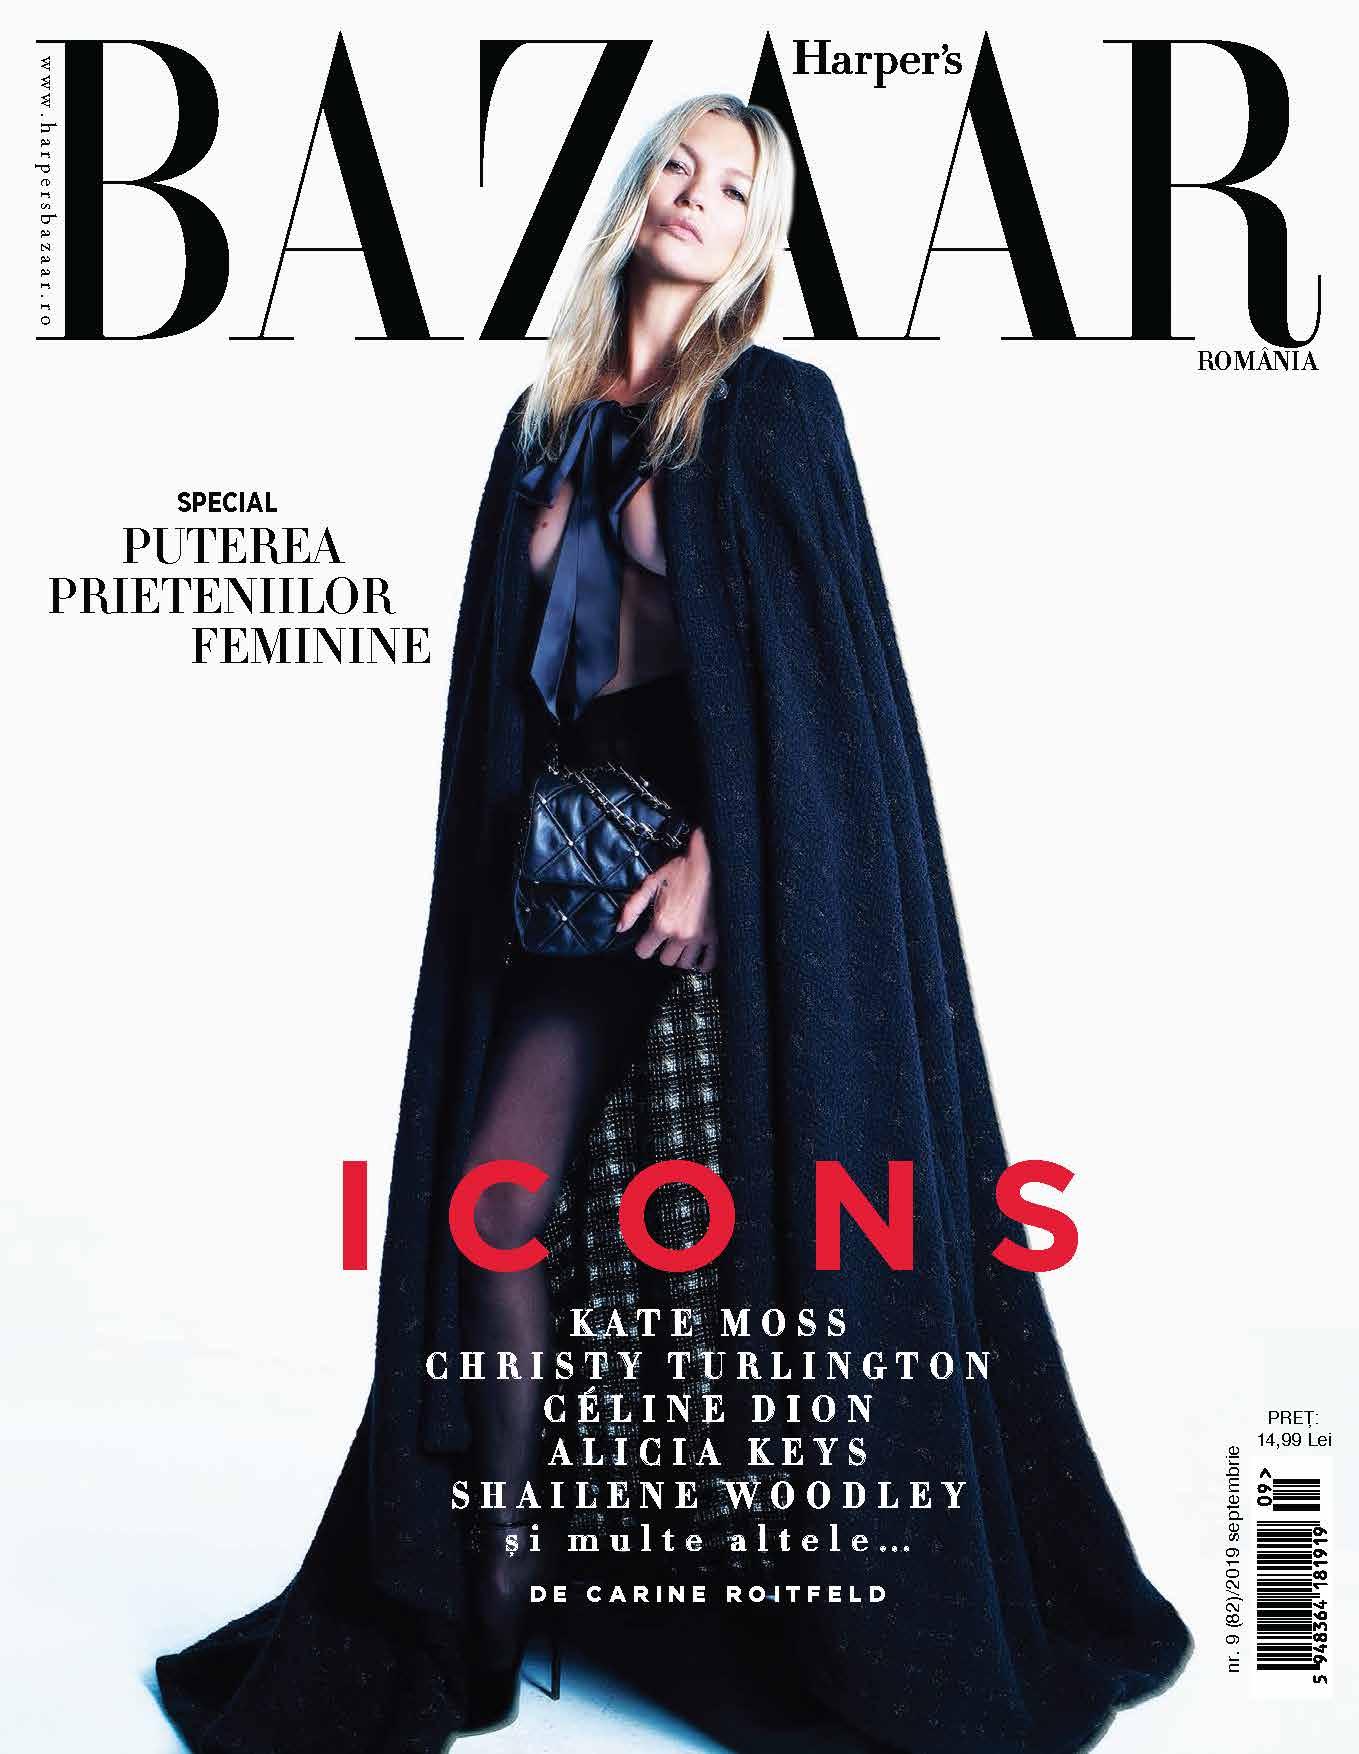 Harper's Bazaar 09-2019 vers 1